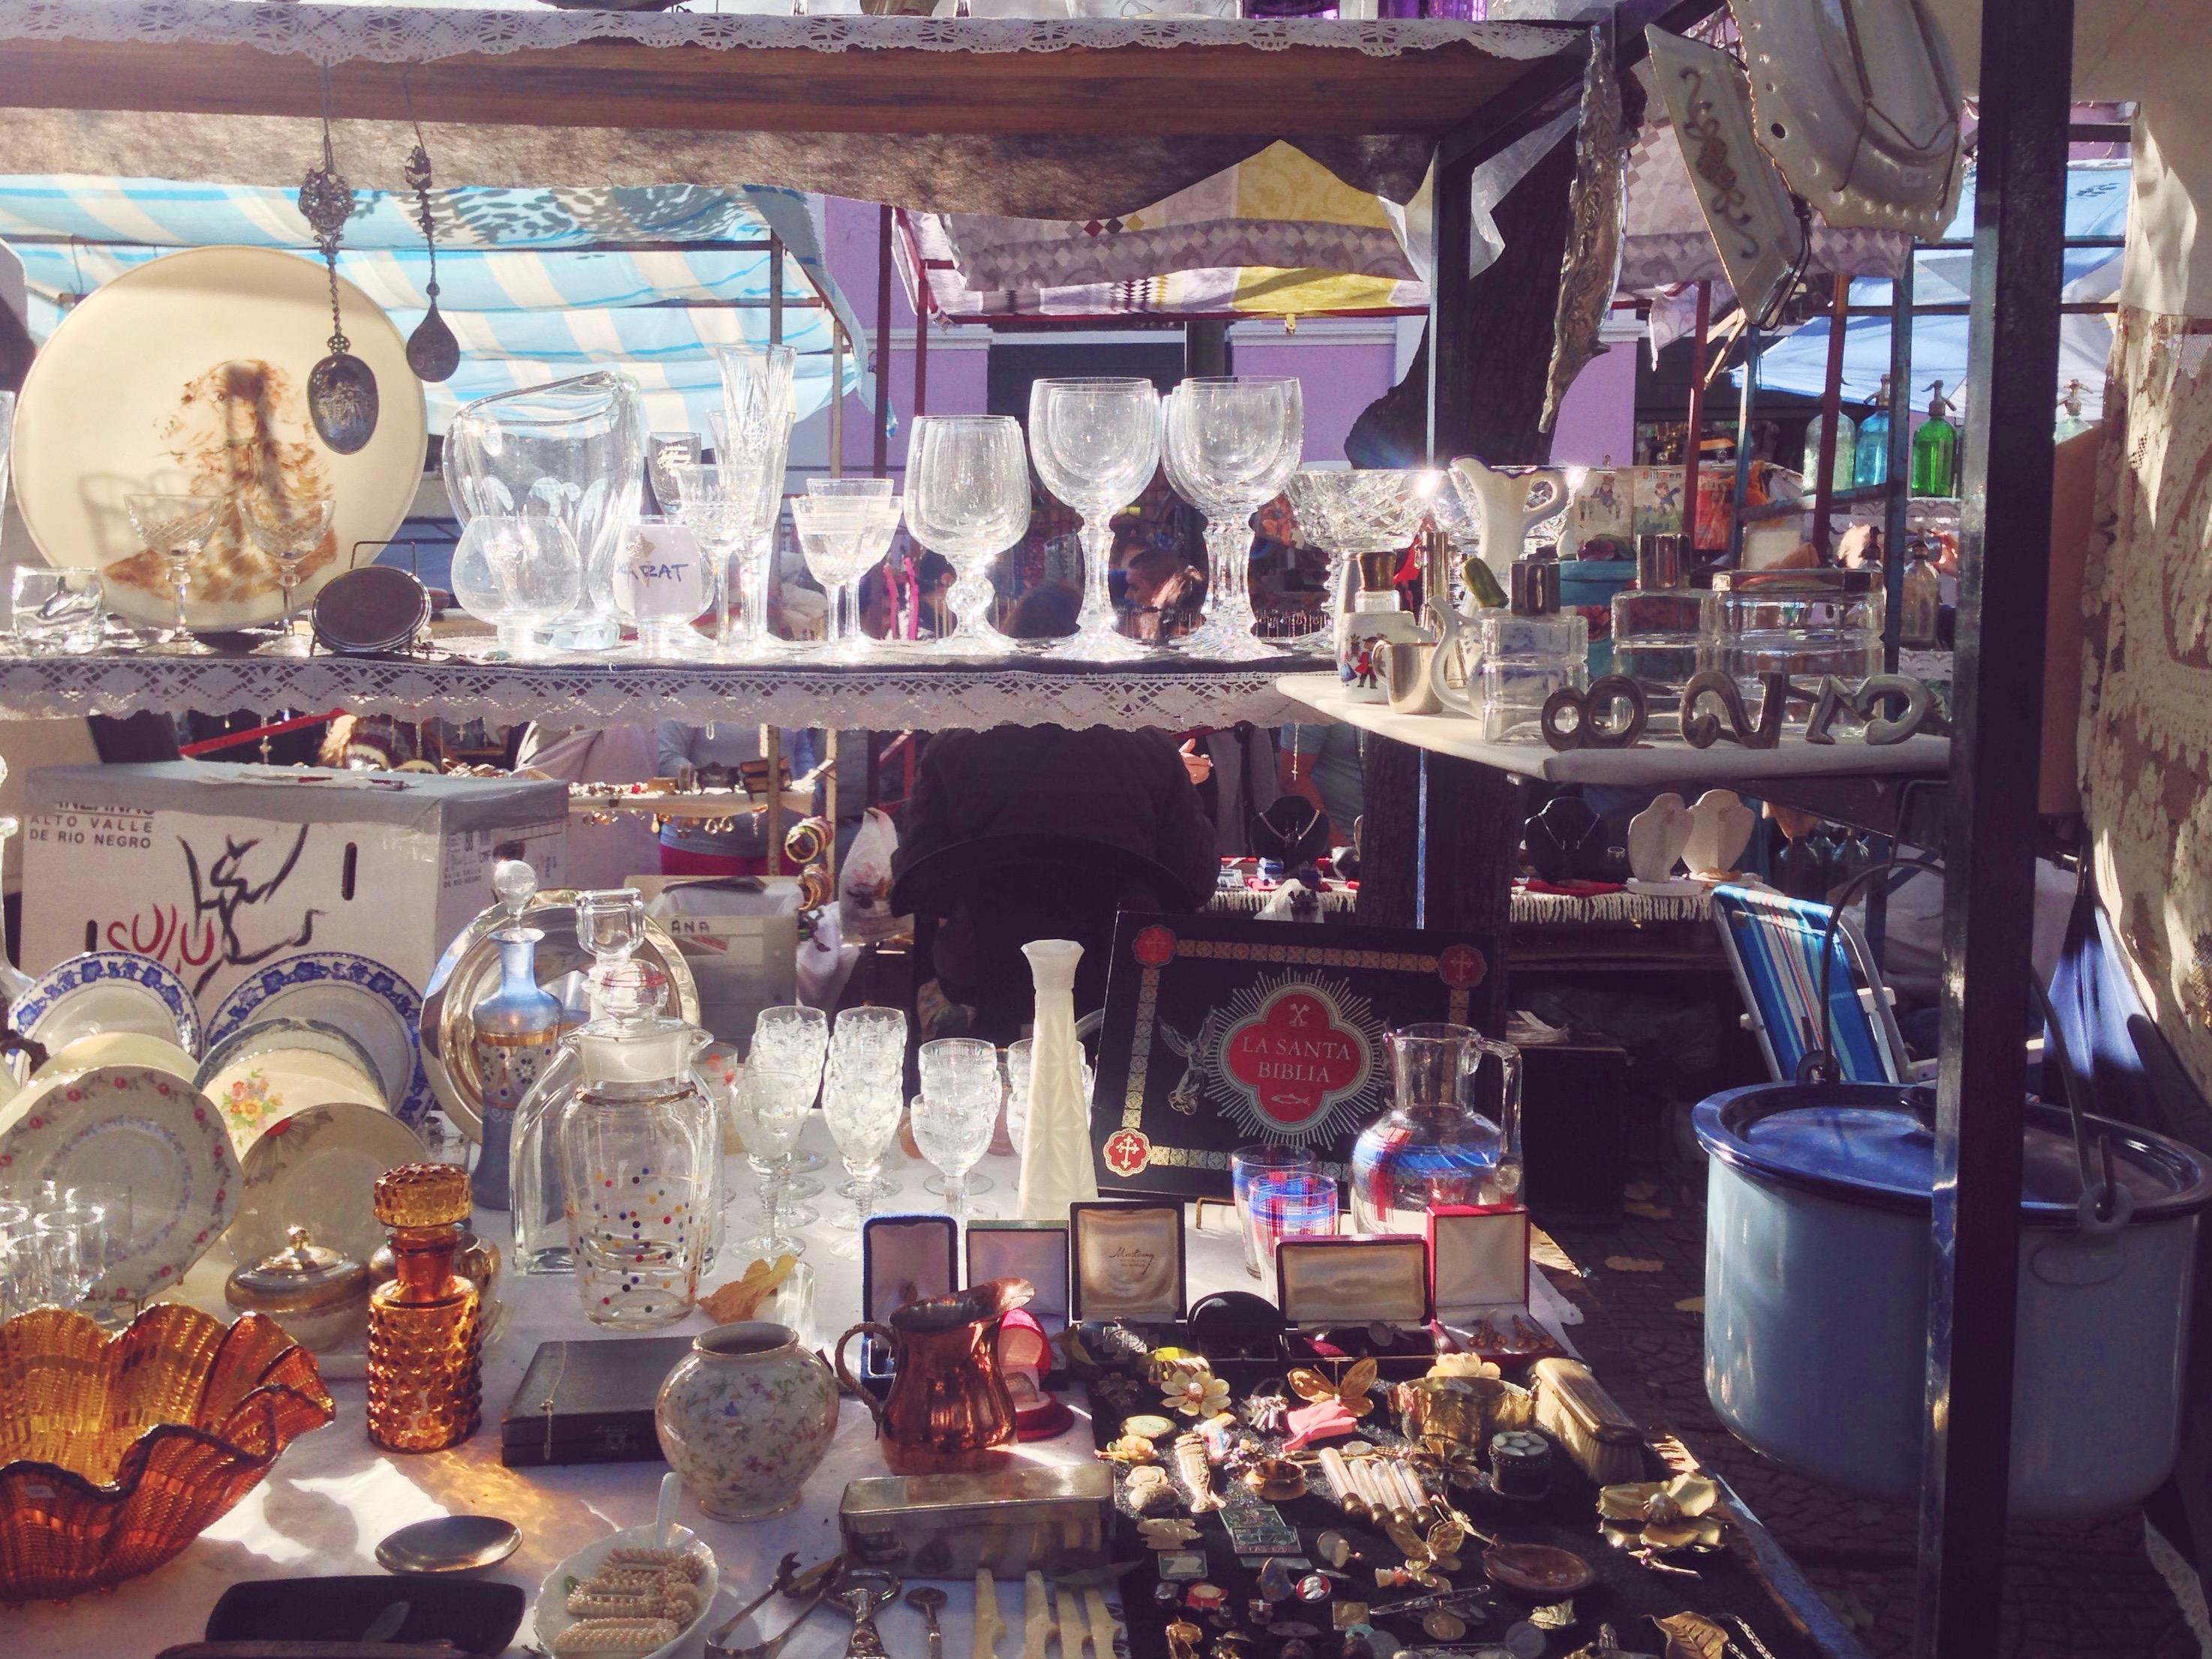 Cosa vedere a Buenos Aires - Il quartiere di San Telmo e i mercatini vintage di Buenos Aires